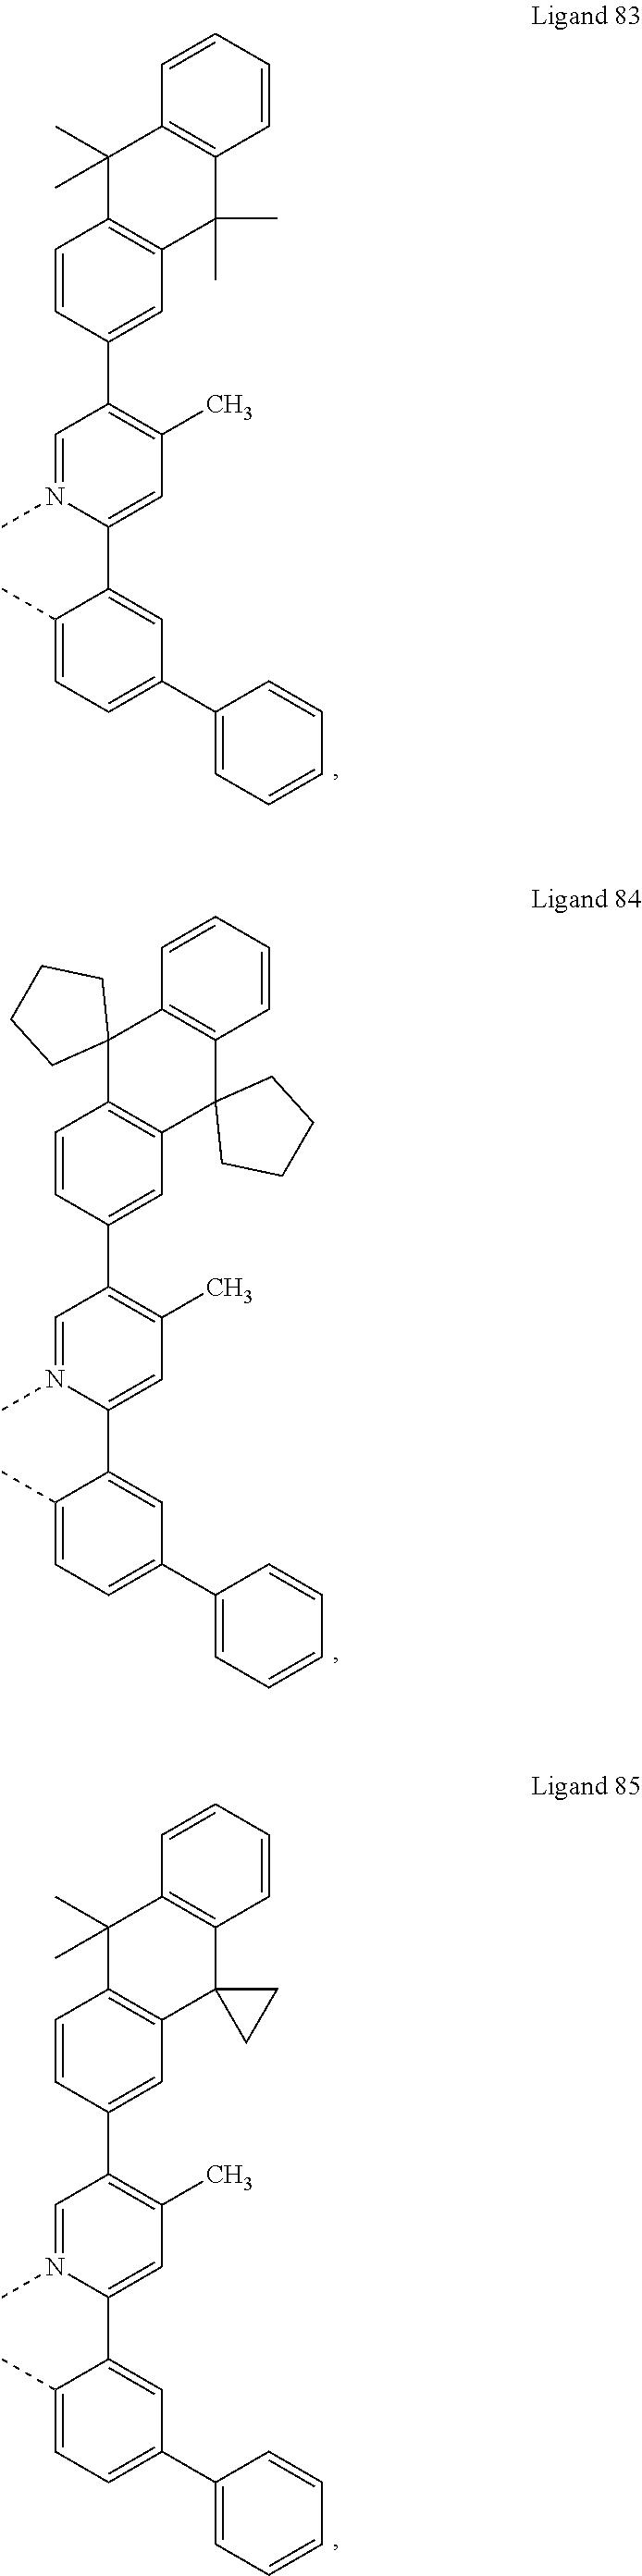 Figure US20180130962A1-20180510-C00051